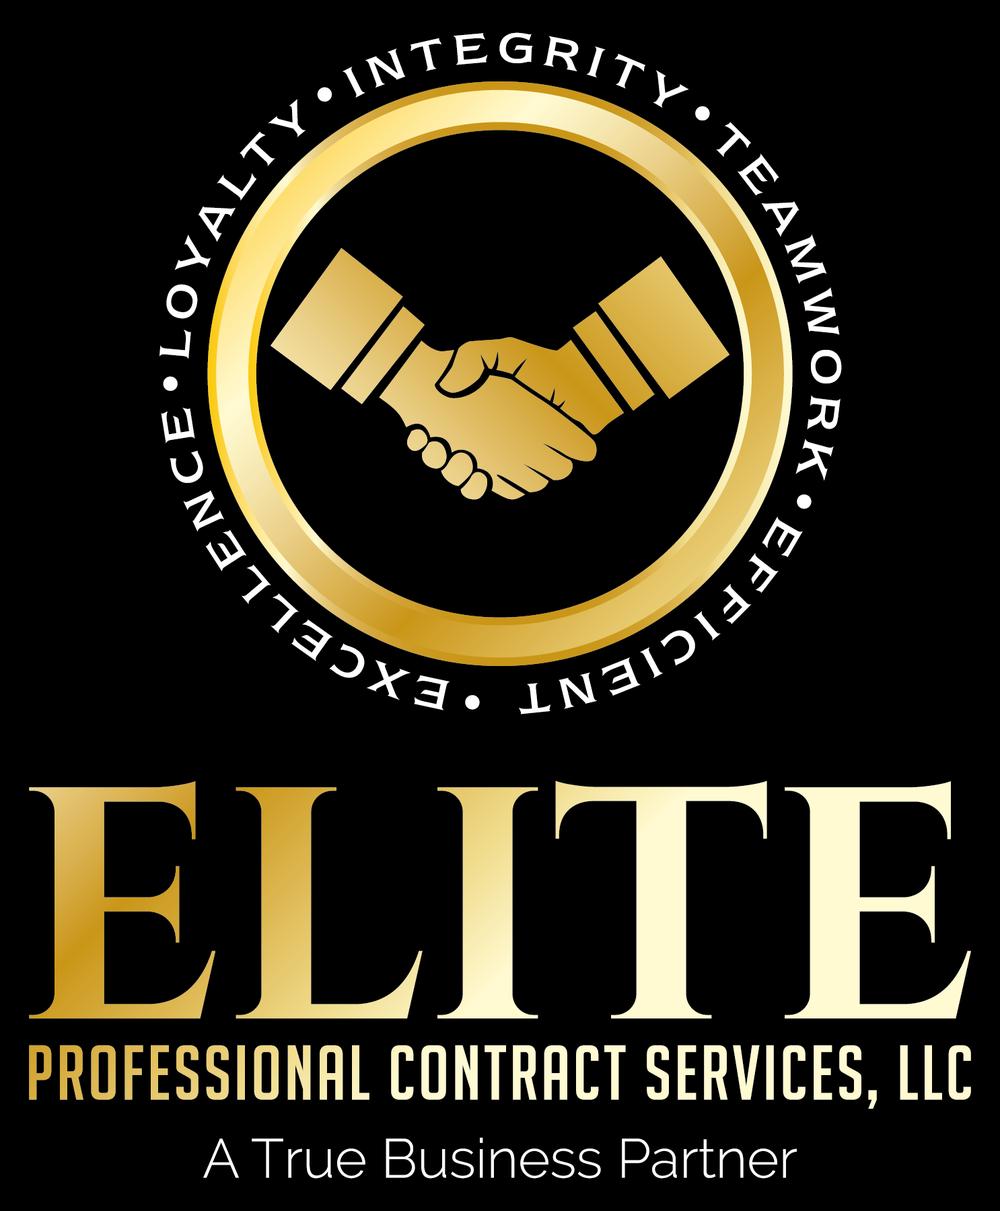 Us elite professionals llc